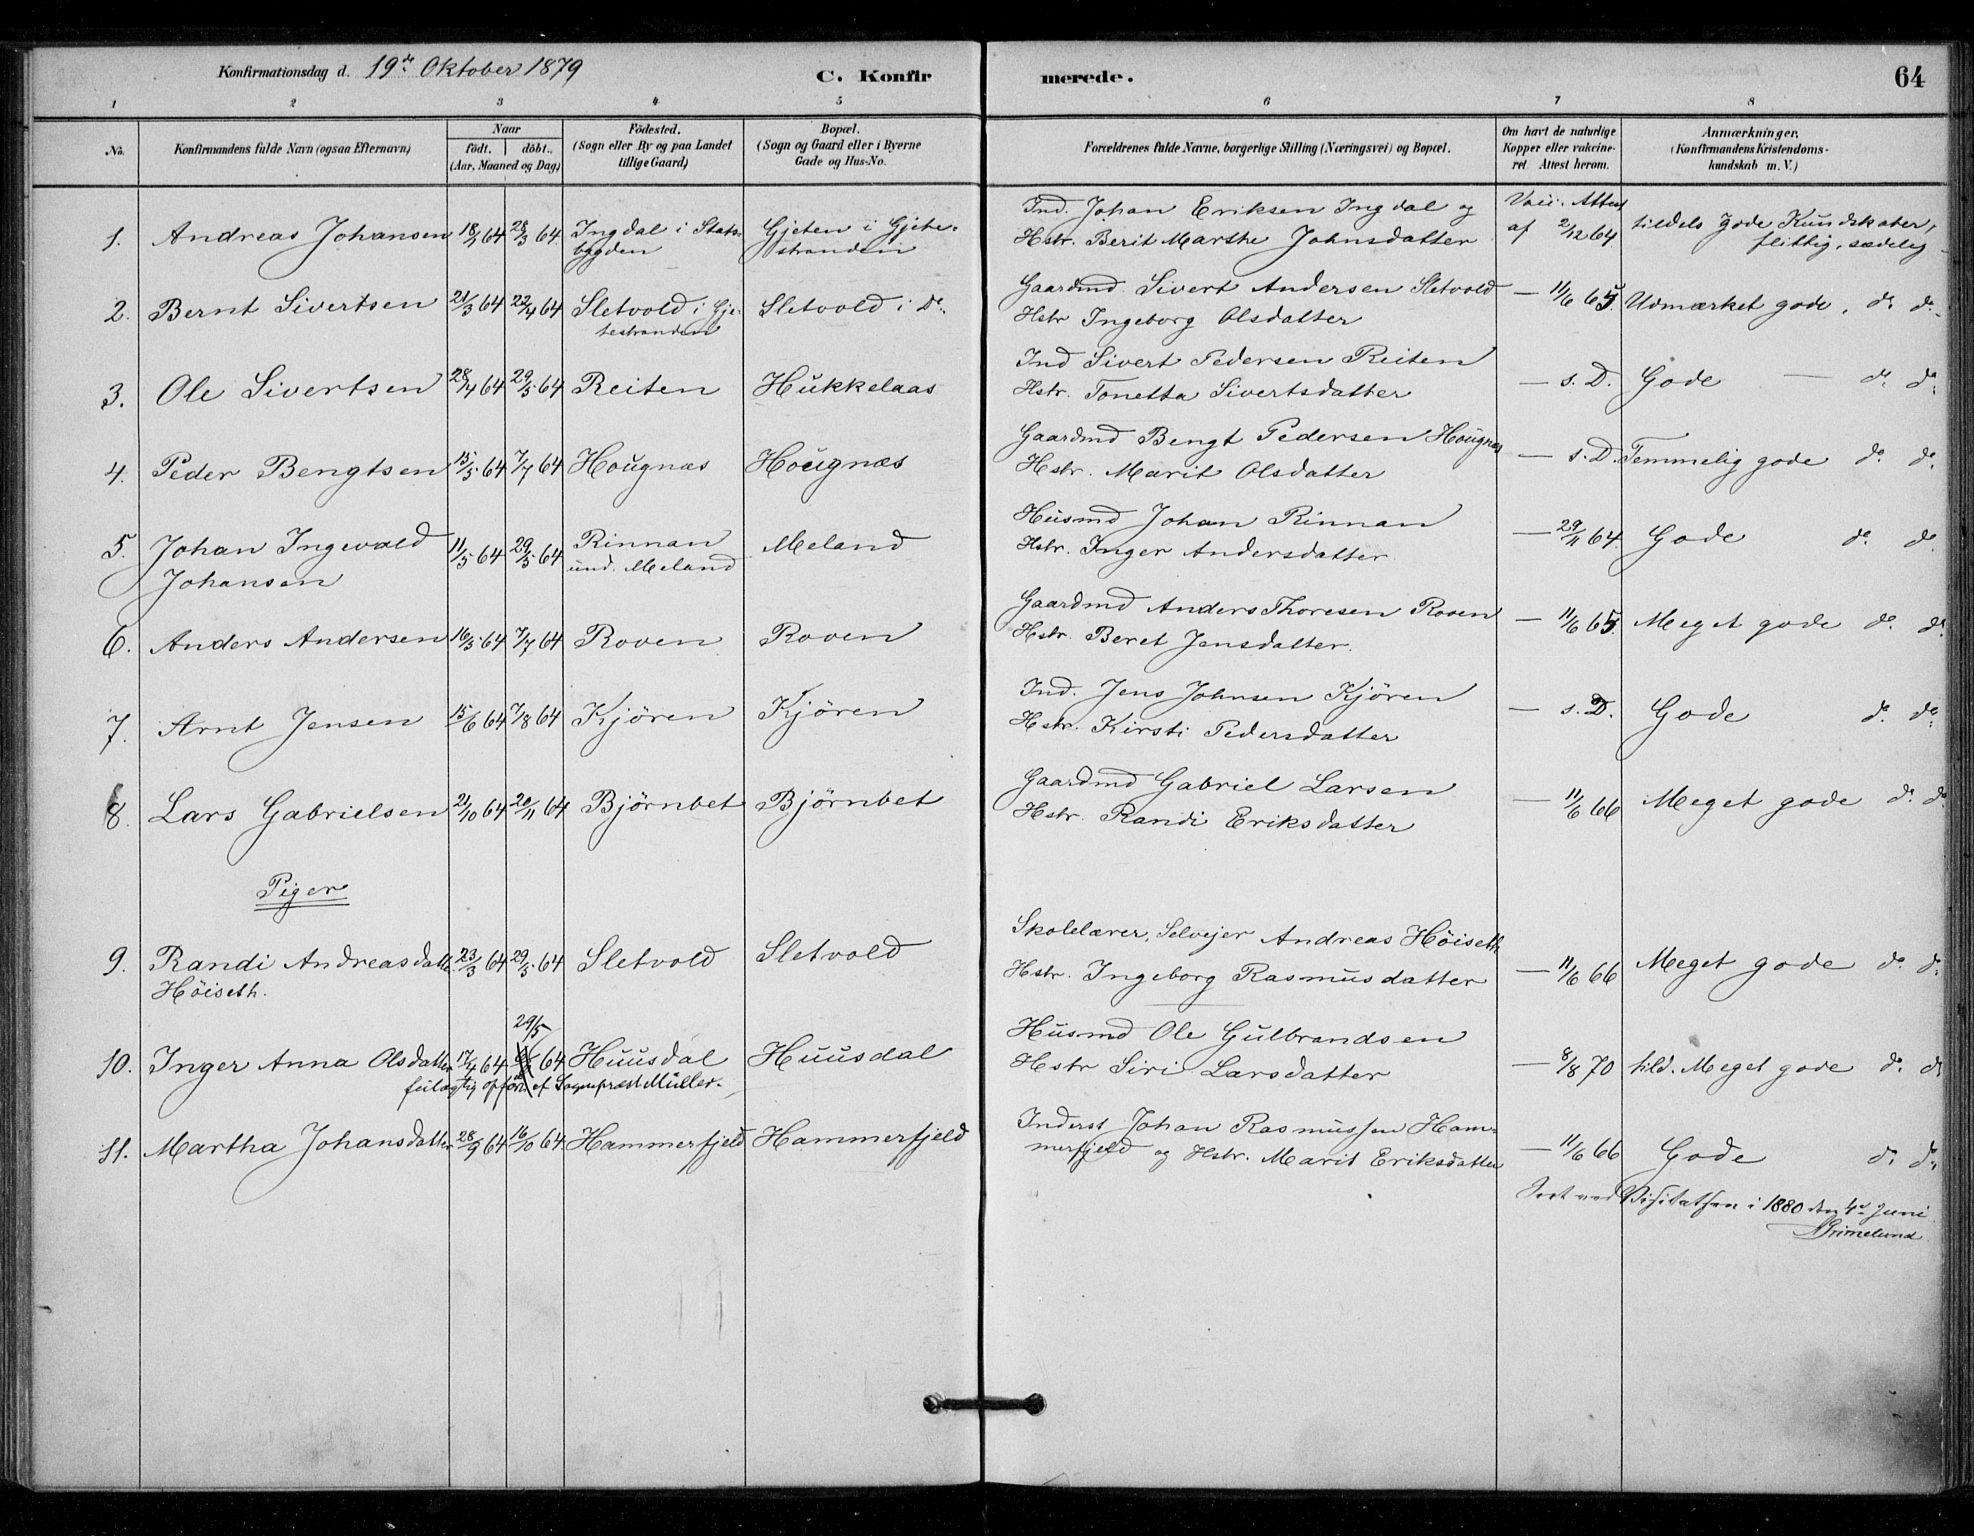 SAT, Ministerialprotokoller, klokkerbøker og fødselsregistre - Sør-Trøndelag, 670/L0836: Ministerialbok nr. 670A01, 1879-1904, s. 64